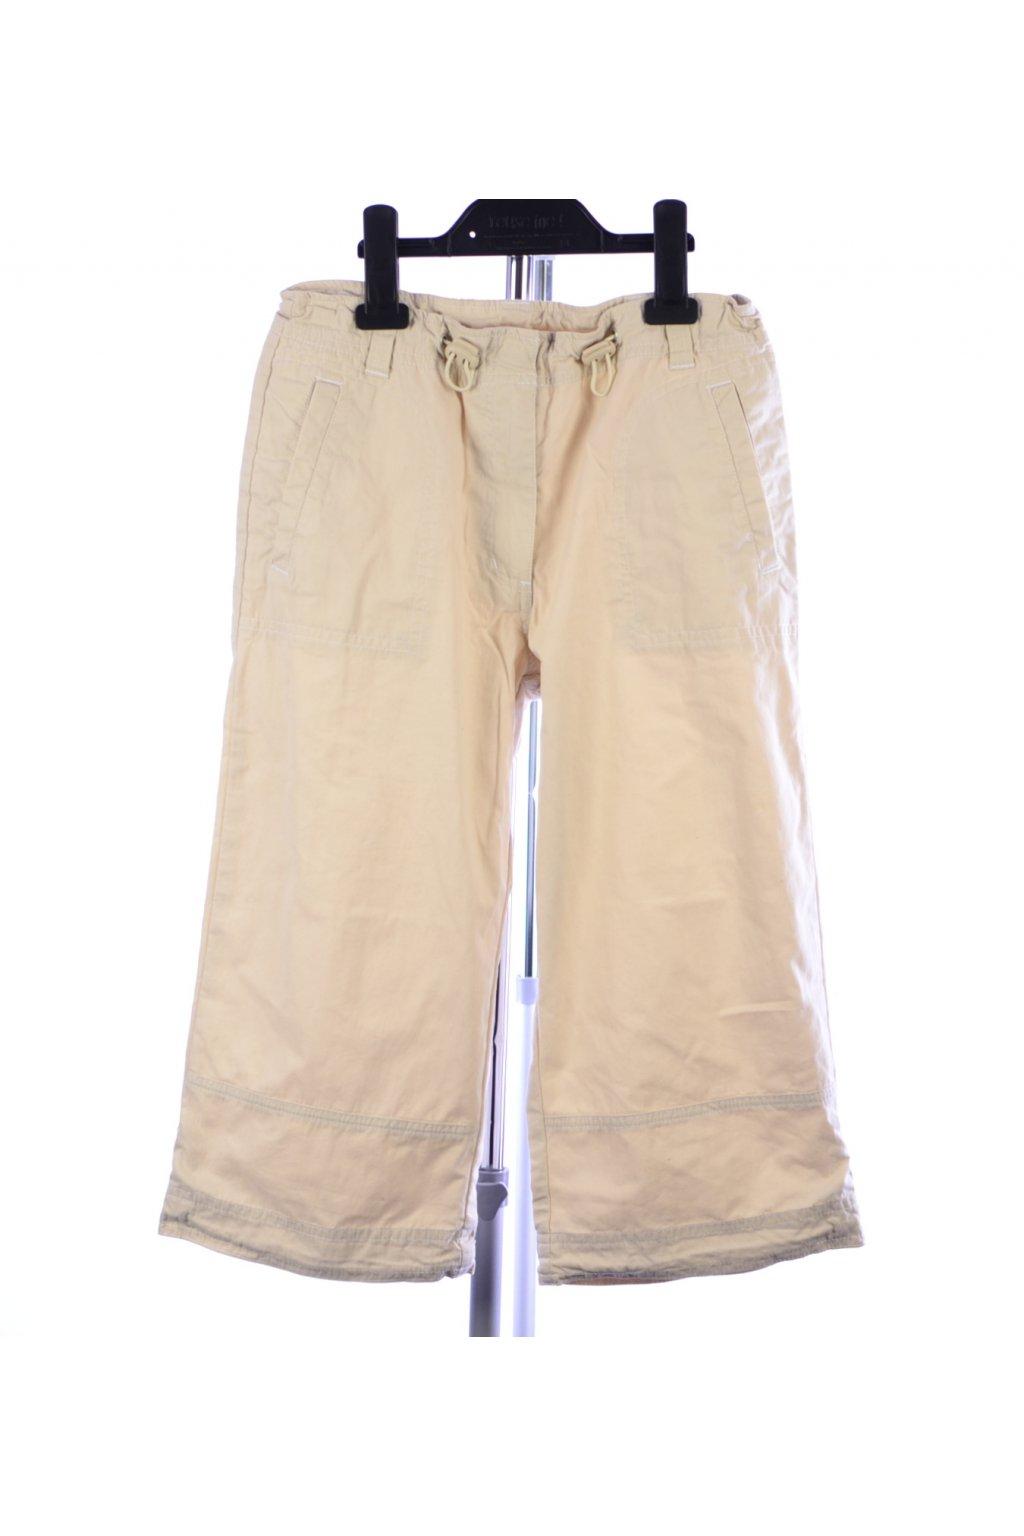 Kalhoty krátké třičtvrťáky C&A 164 béžové